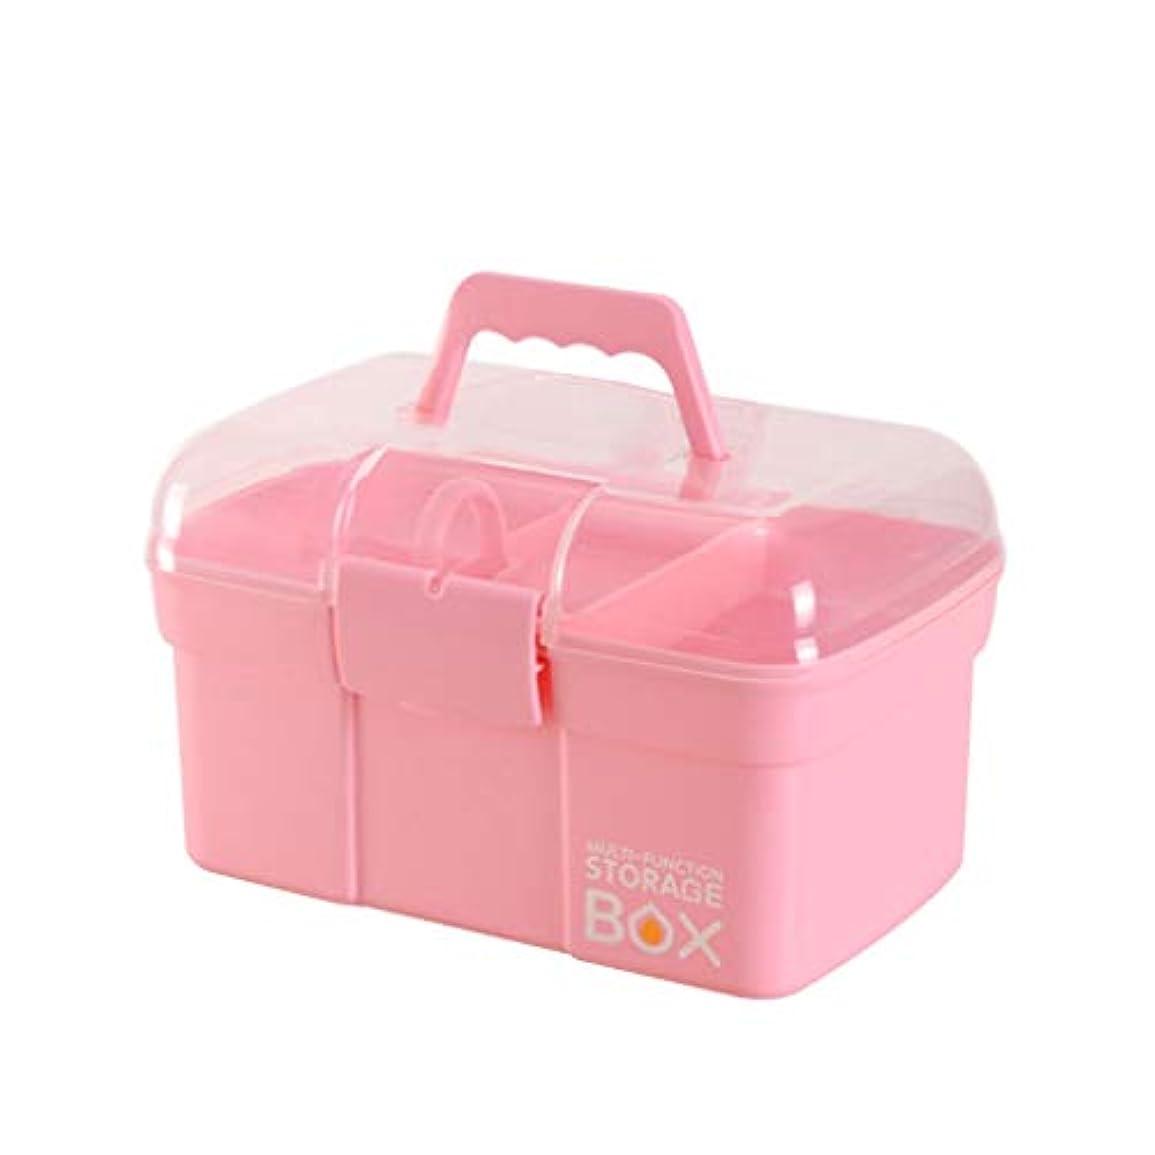 カストディアンピニオンシェーバー小さな薬箱ホームクリニック応急処置ボックスプラスチック透明カバー医療薬収納ボックス HUXIUPING (Color : Pink, Size : S)